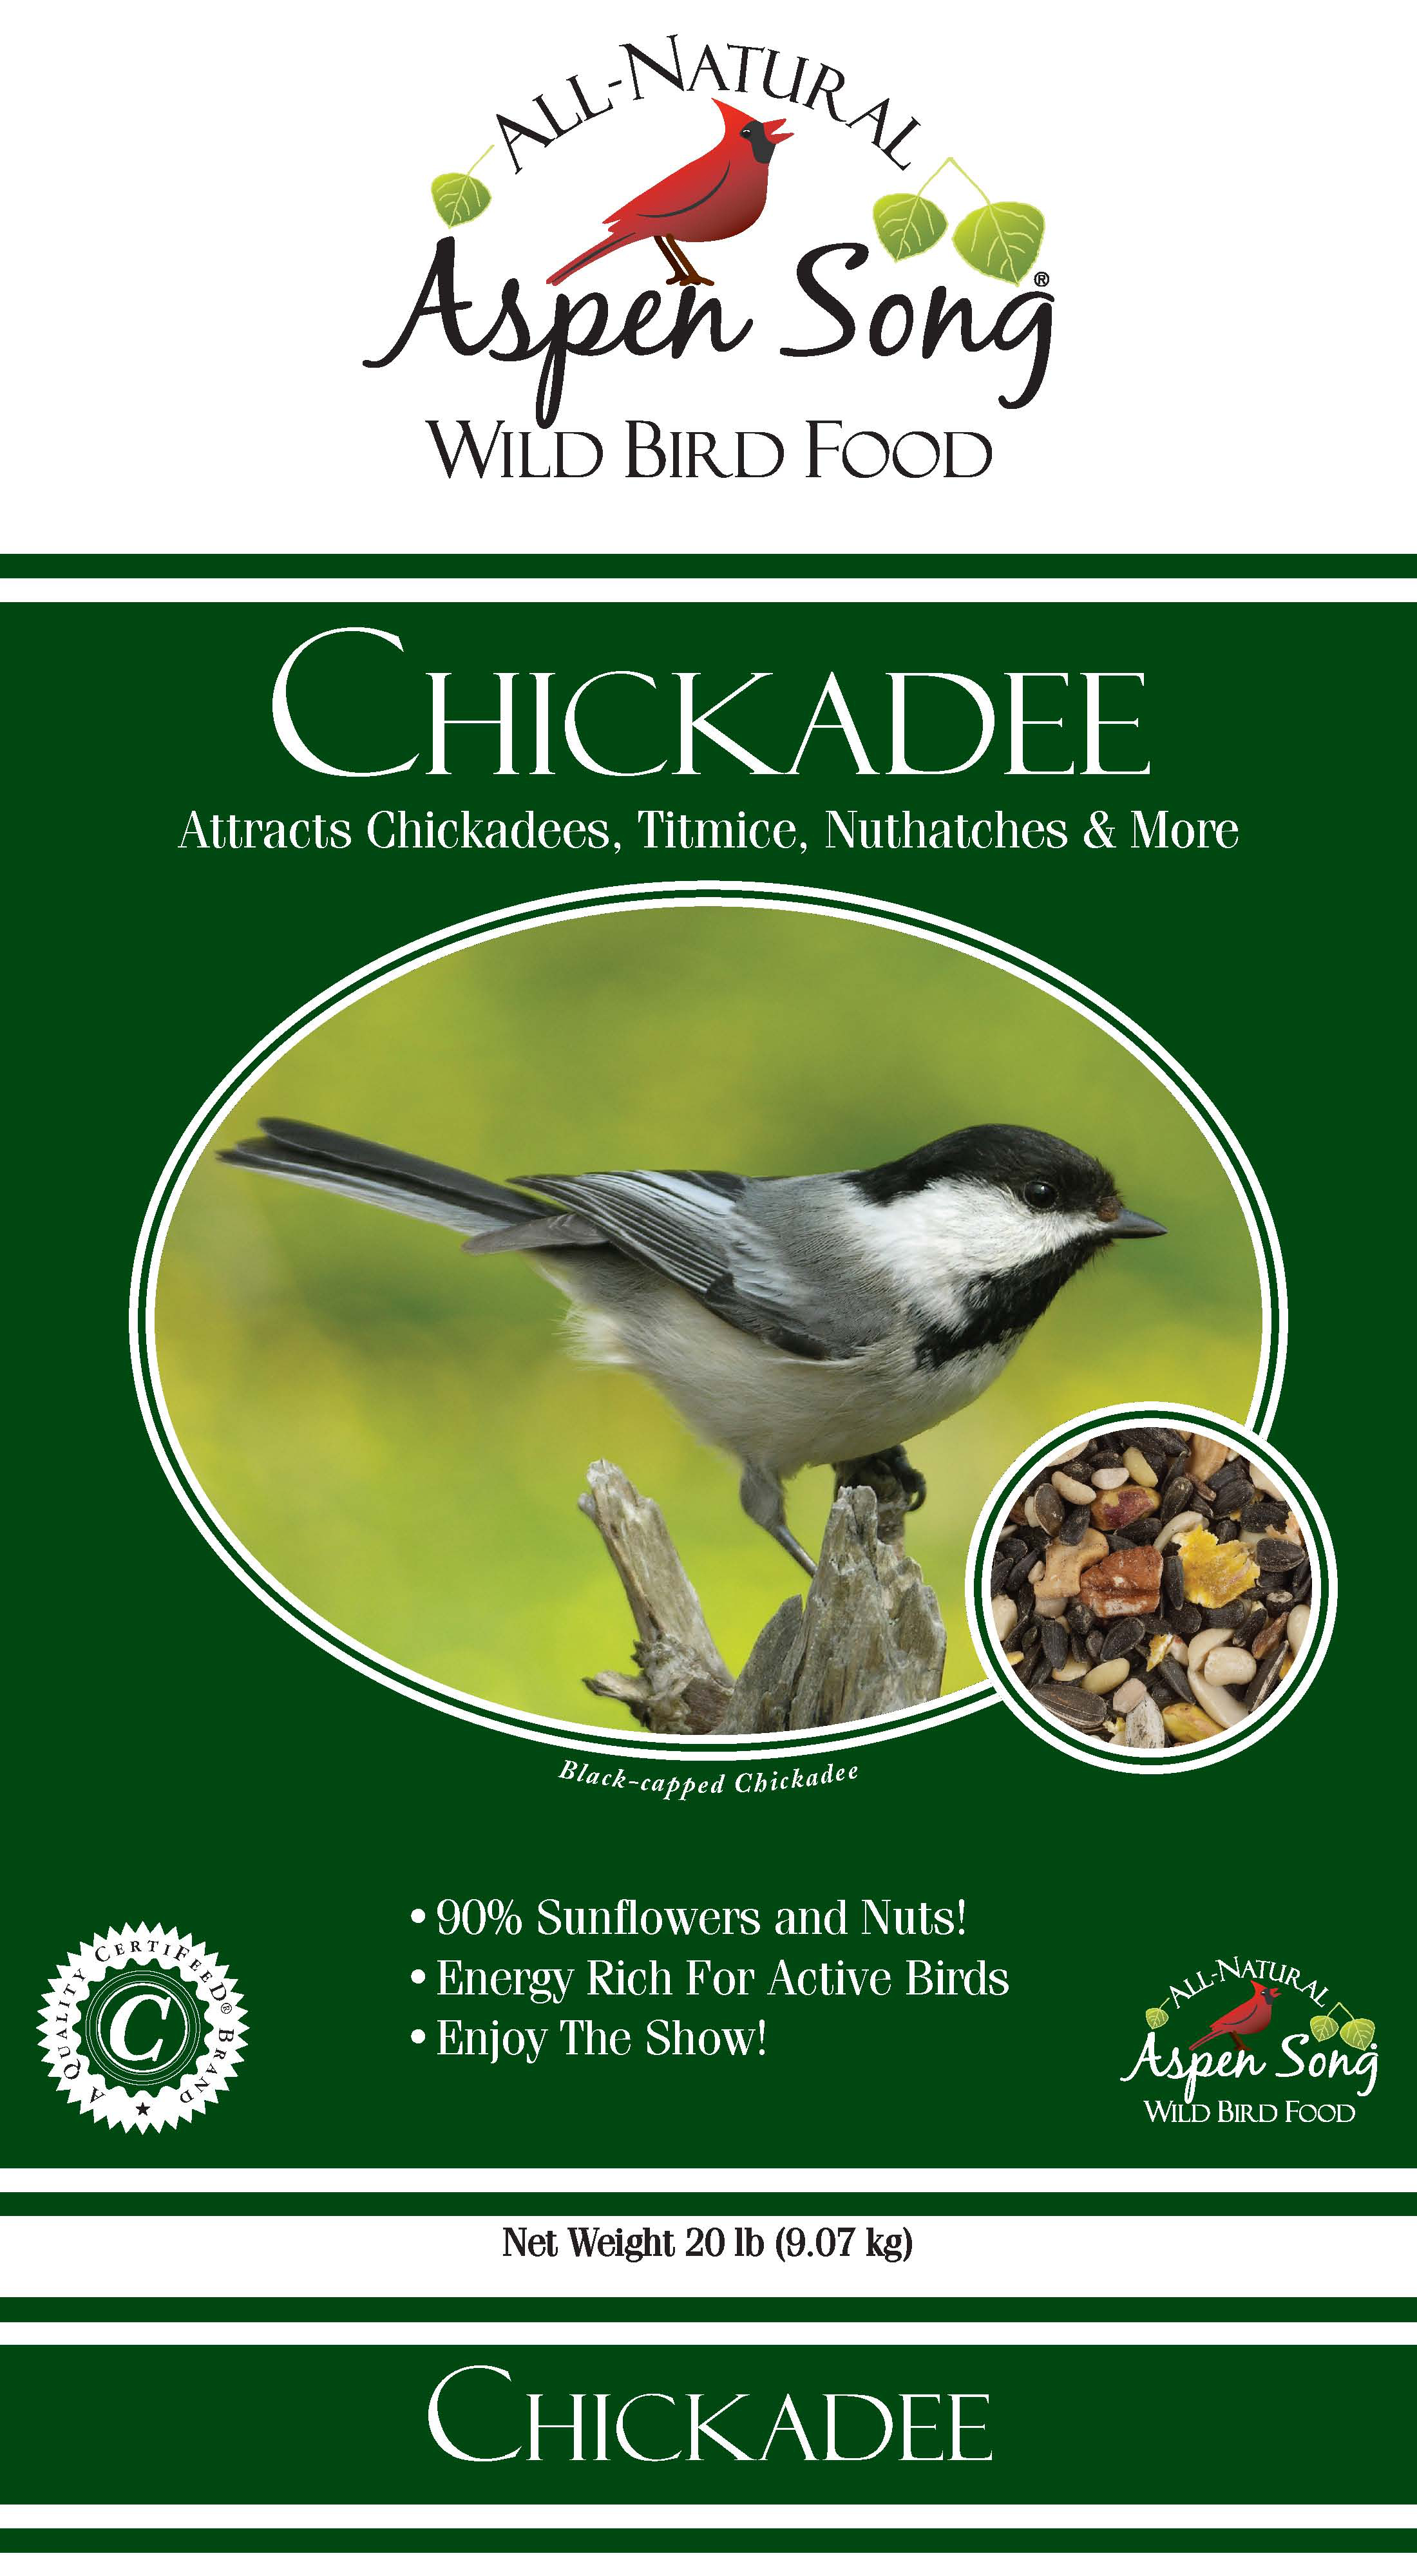 Aspen Song Chickadee